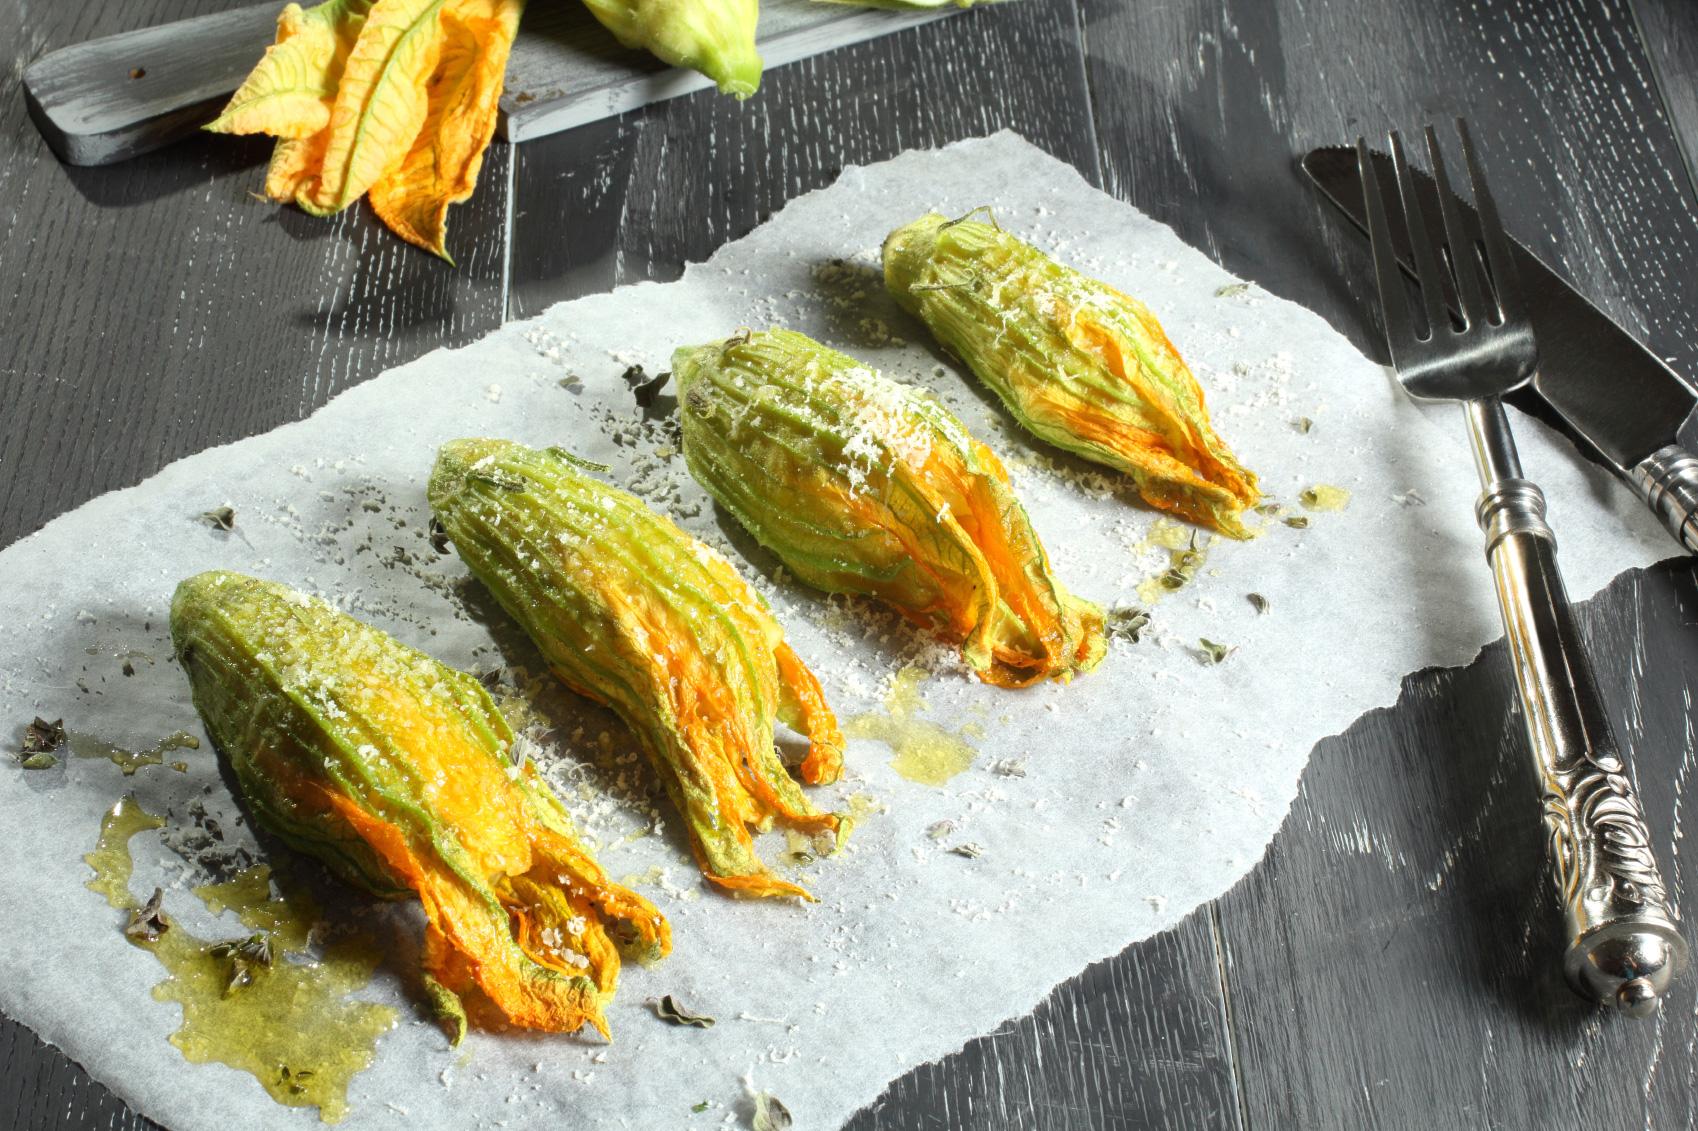 Stuffed-zucchini-flowers